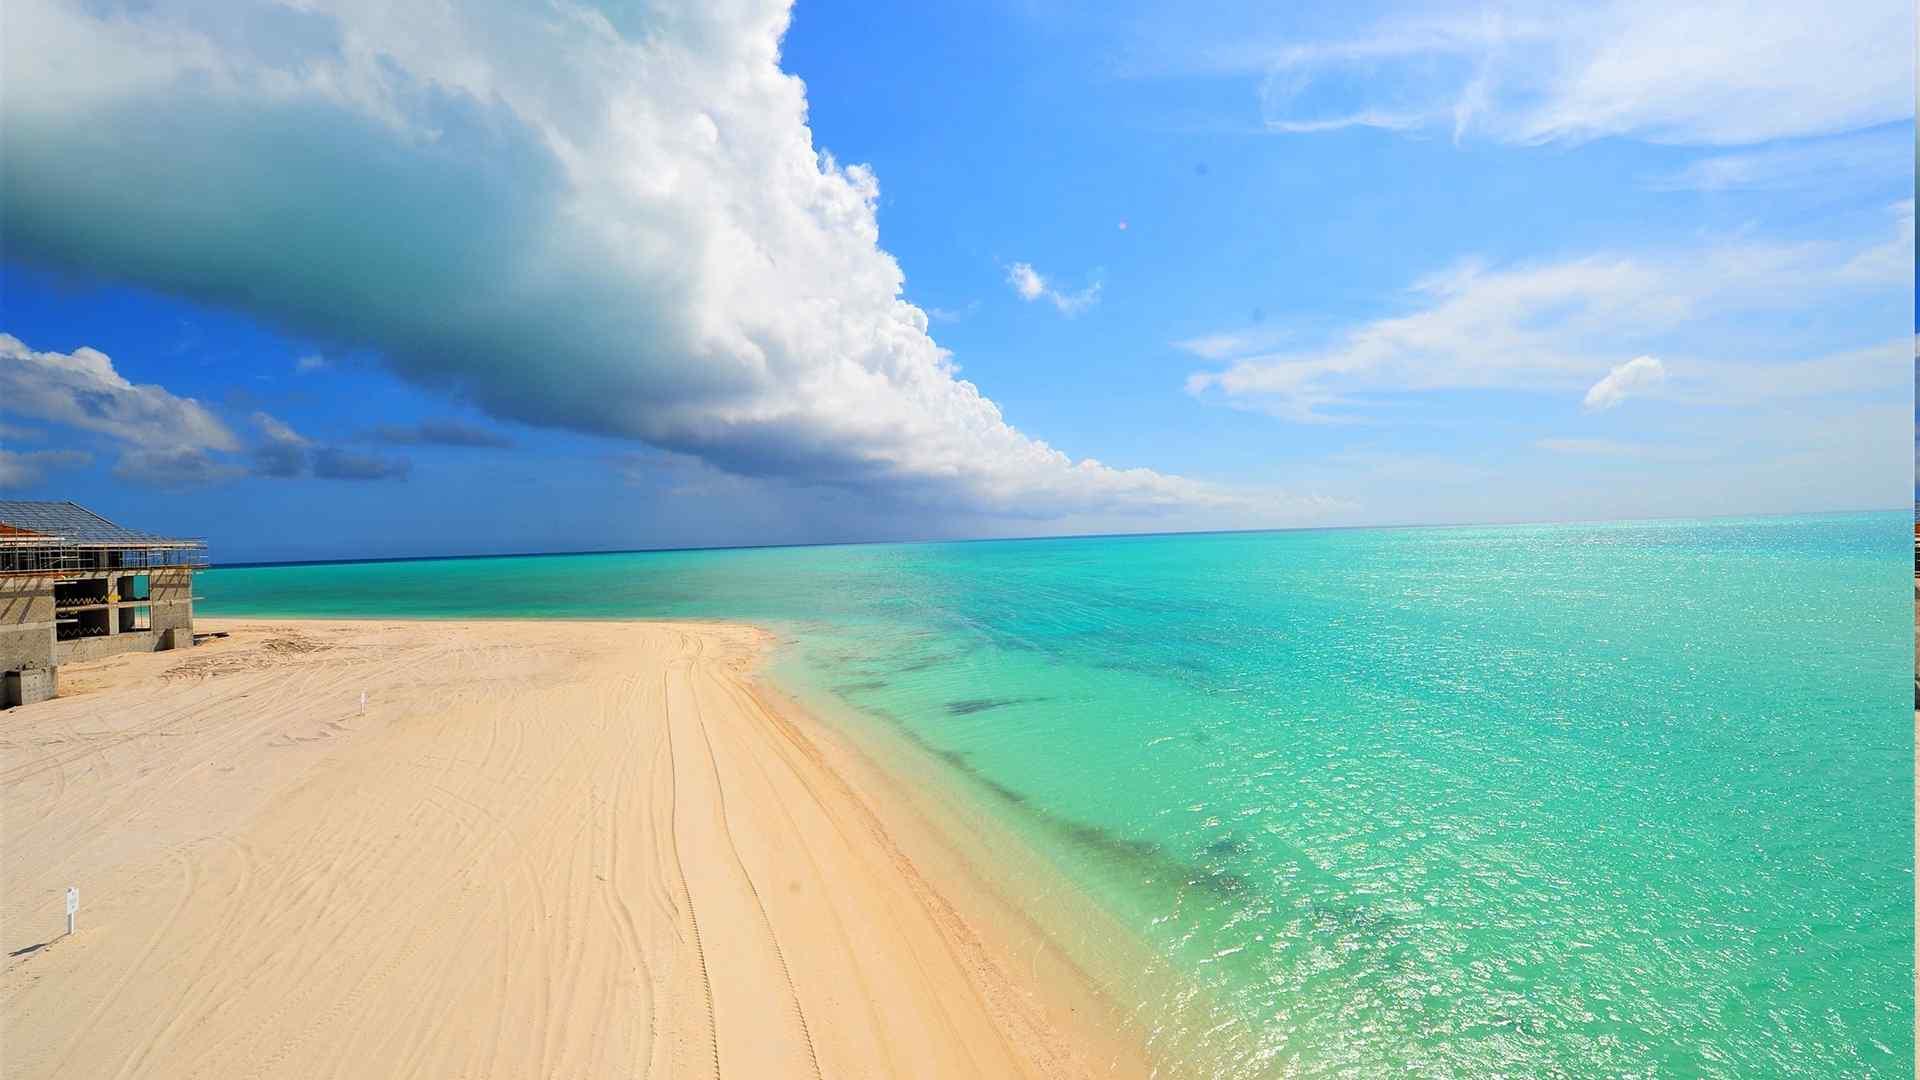 美丽海洋风景图片高清壁纸